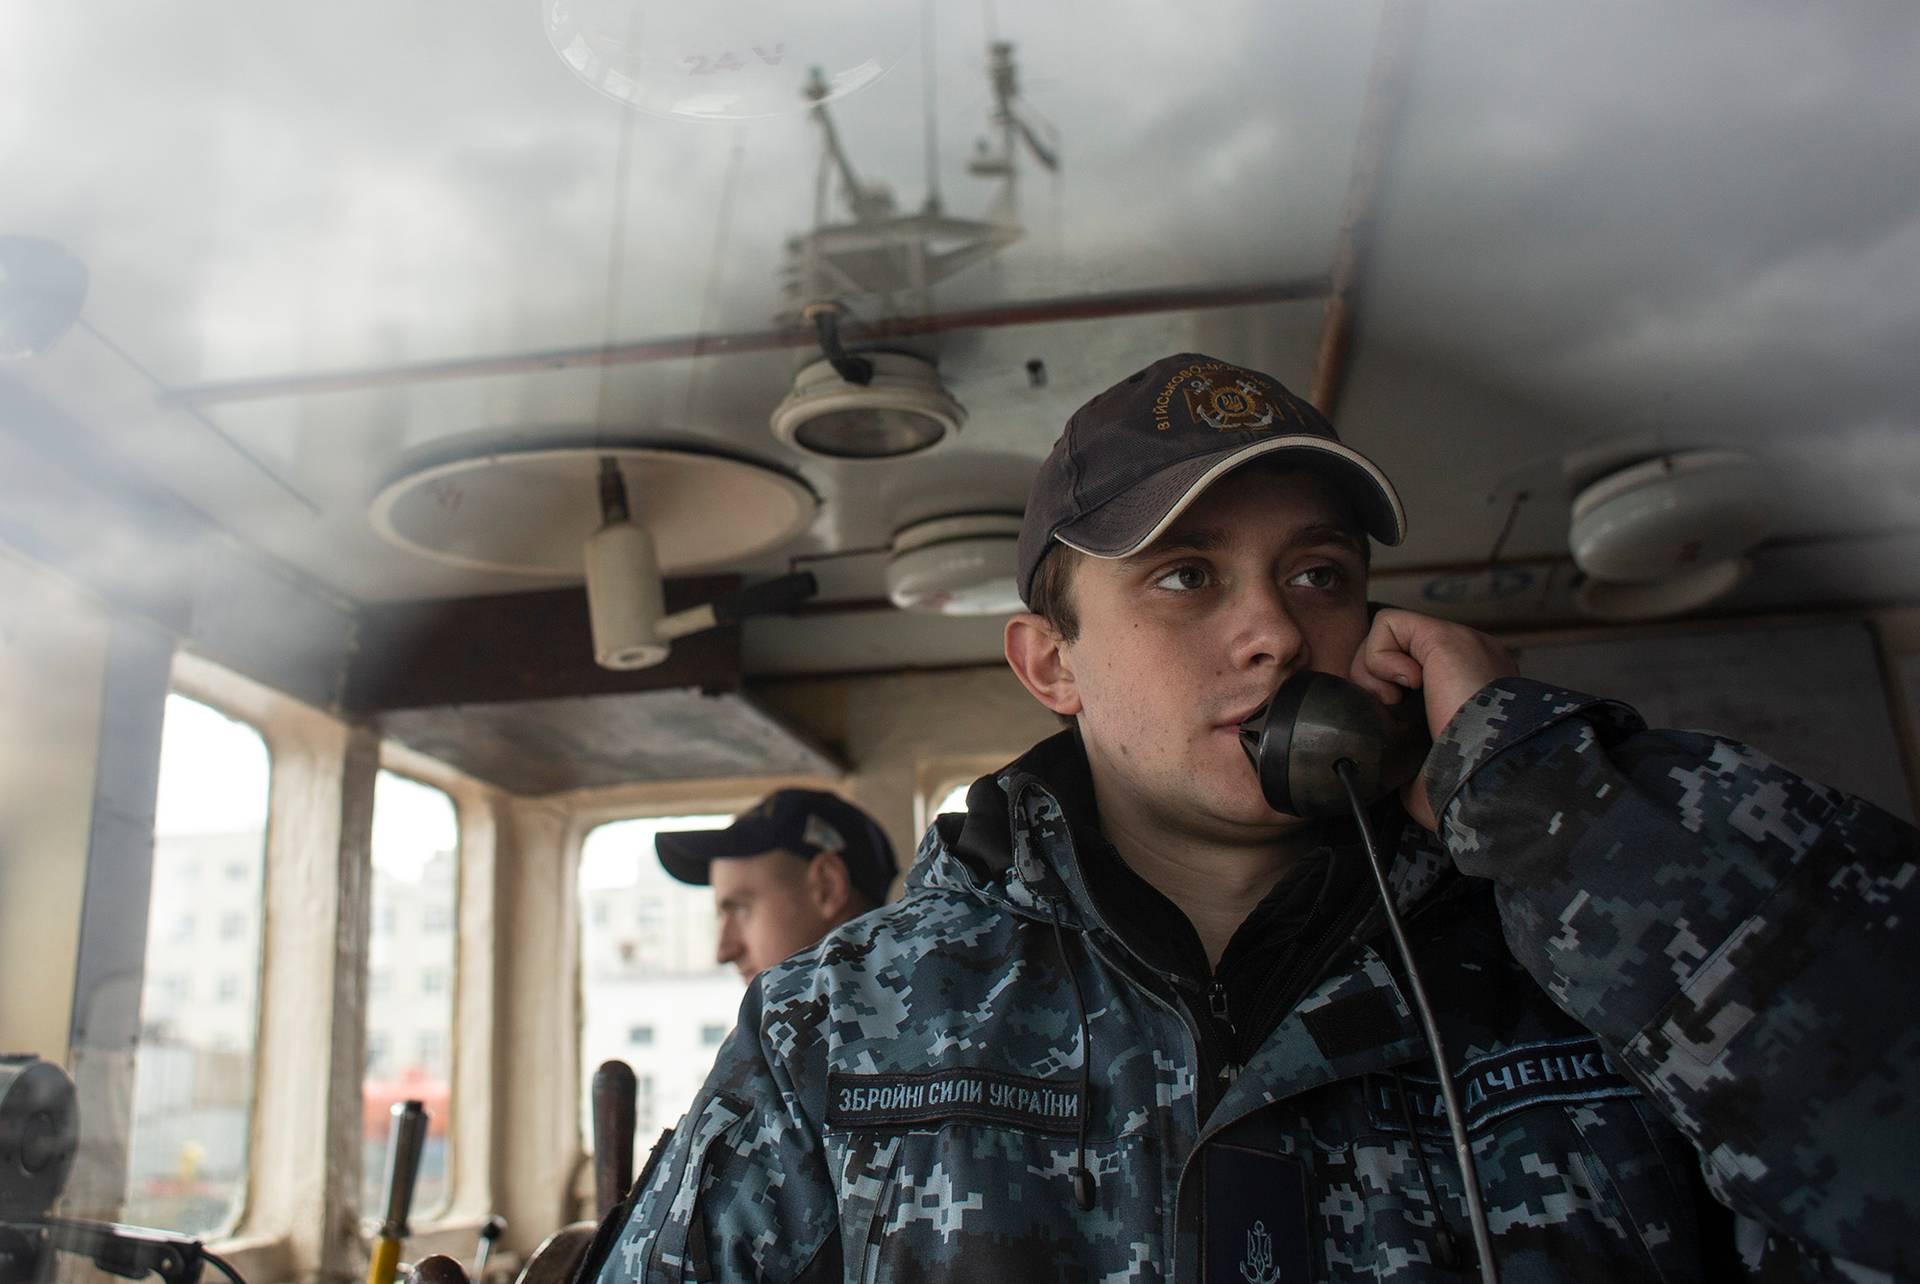 Командир катера «Гола пристань» Павло Гладченко на посту управління, Одеса, 1 березня 2019 року